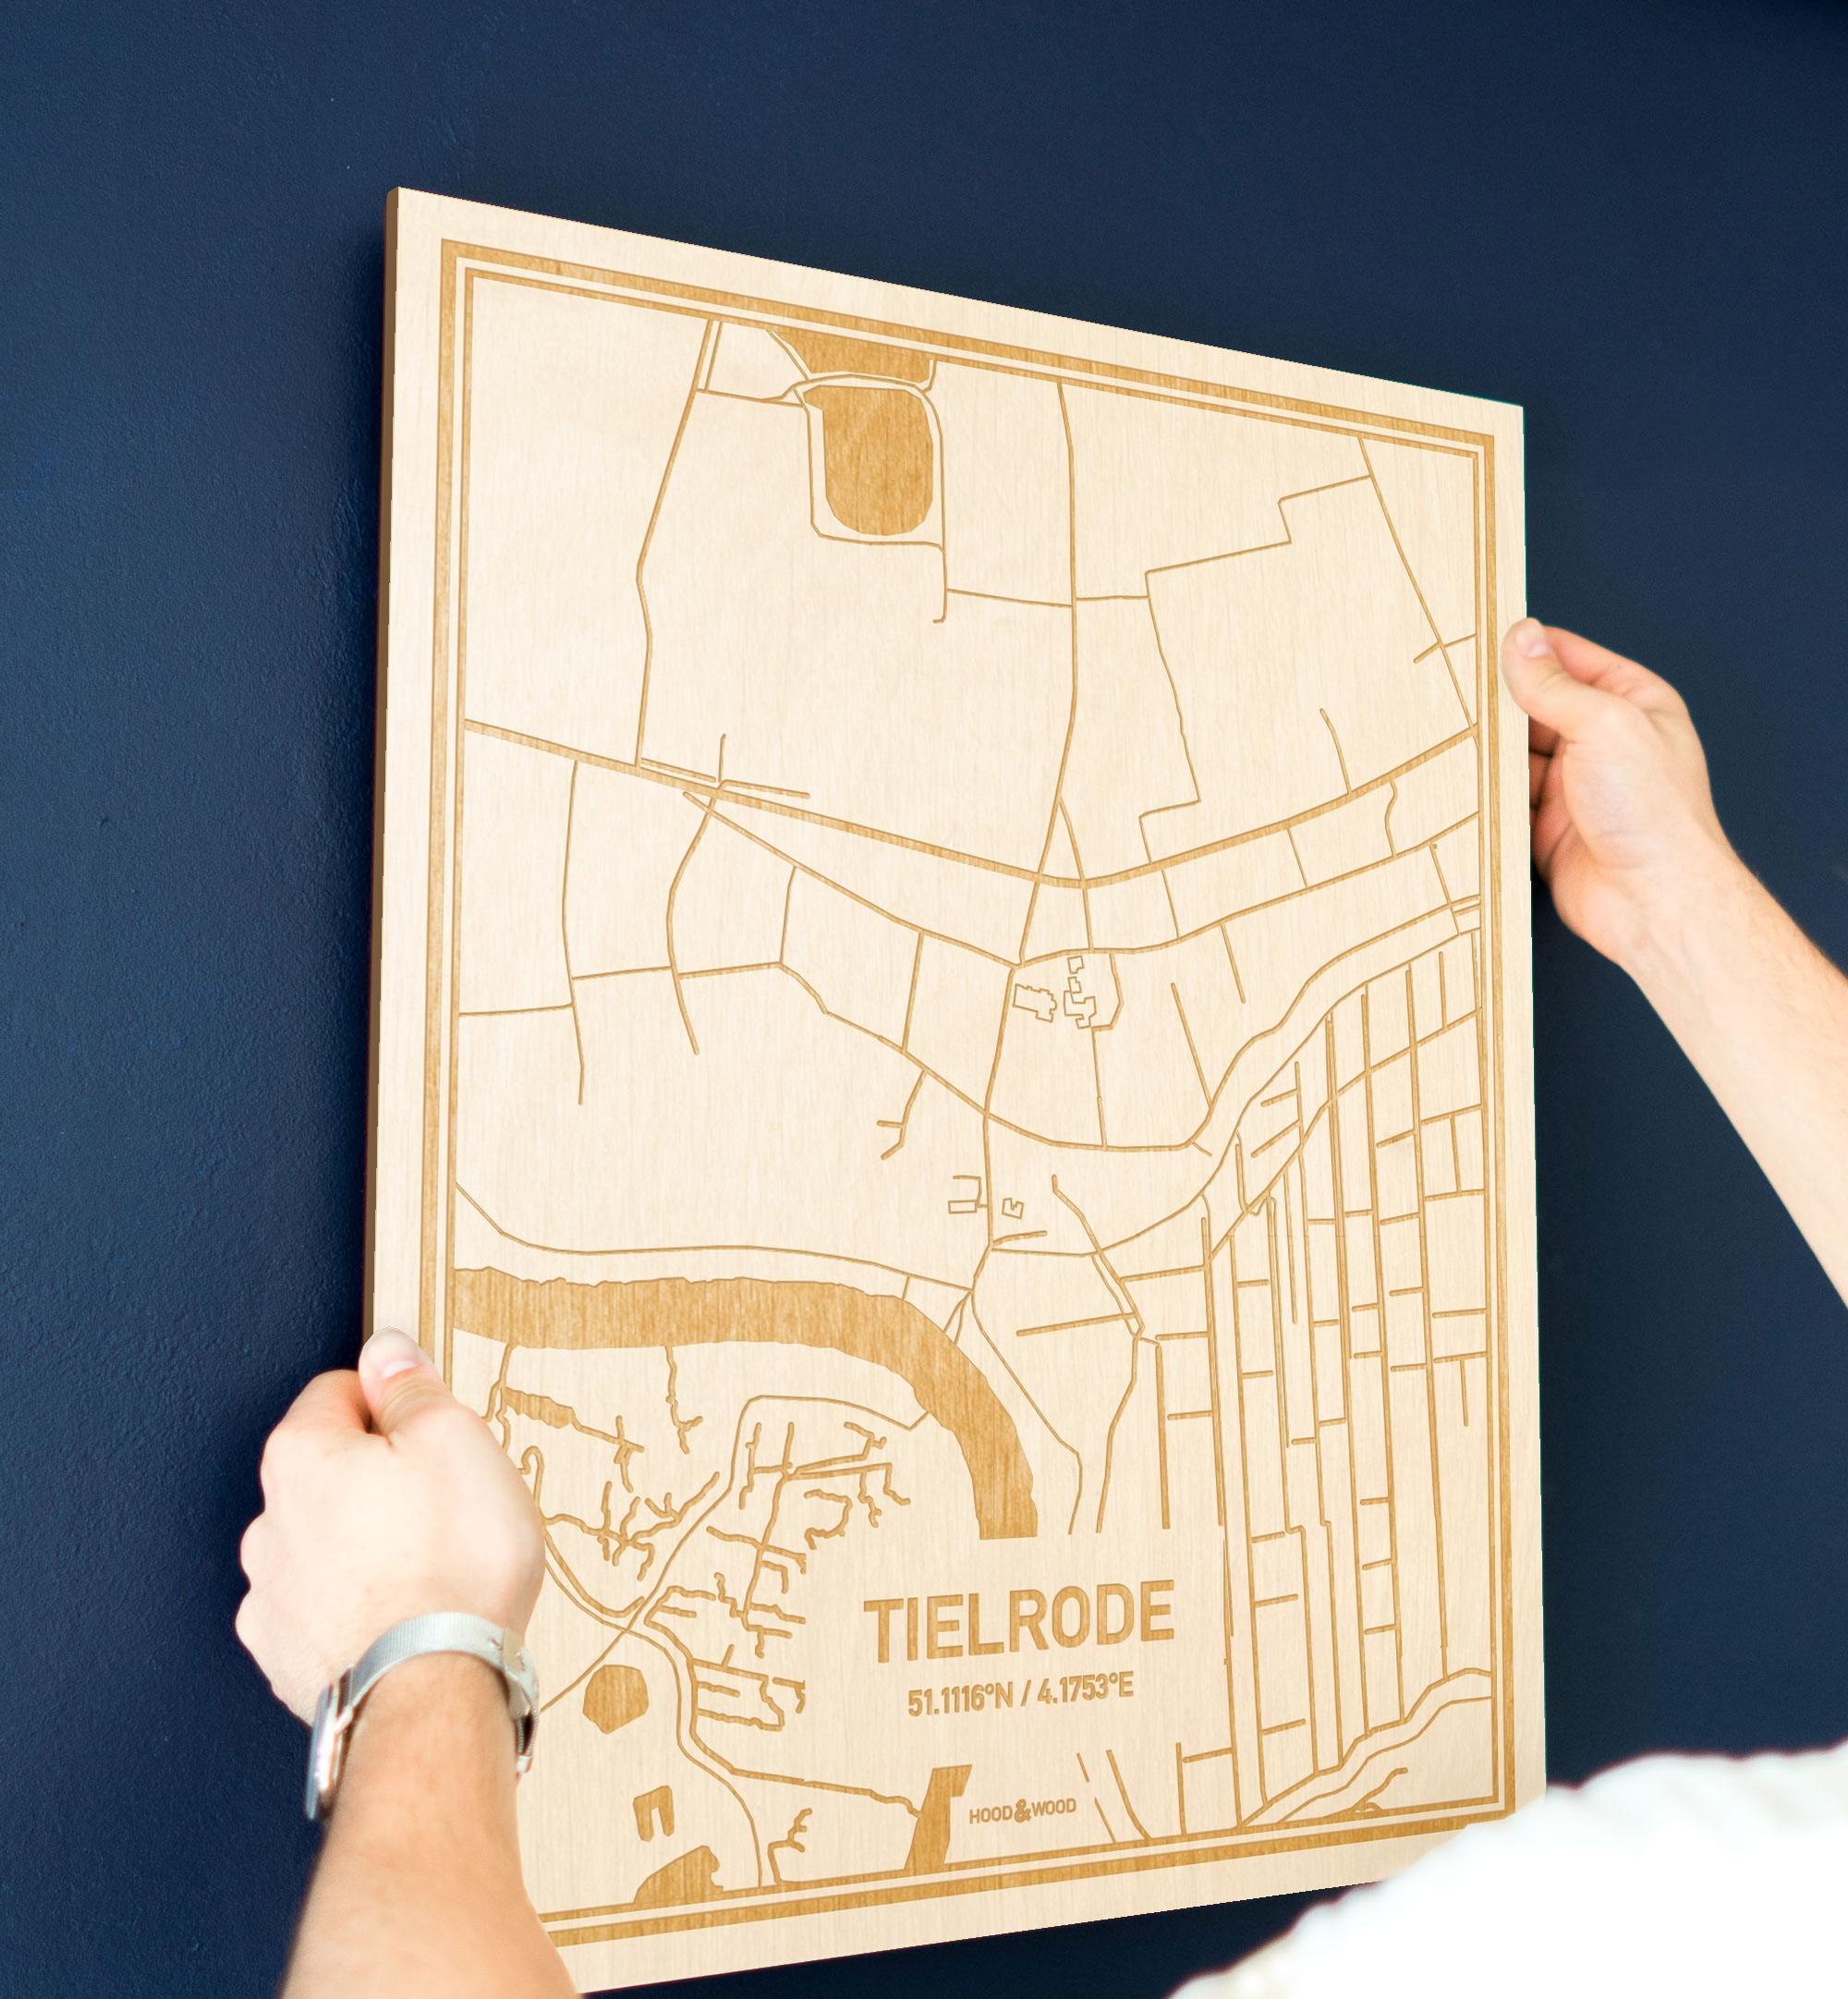 Een man hangt de houten plattegrond Tielrode aan zijn blauwe muur ter decoratie. Je ziet alleen zijn handen de kaart van deze speciale in Oost-Vlaanderen  vasthouden.